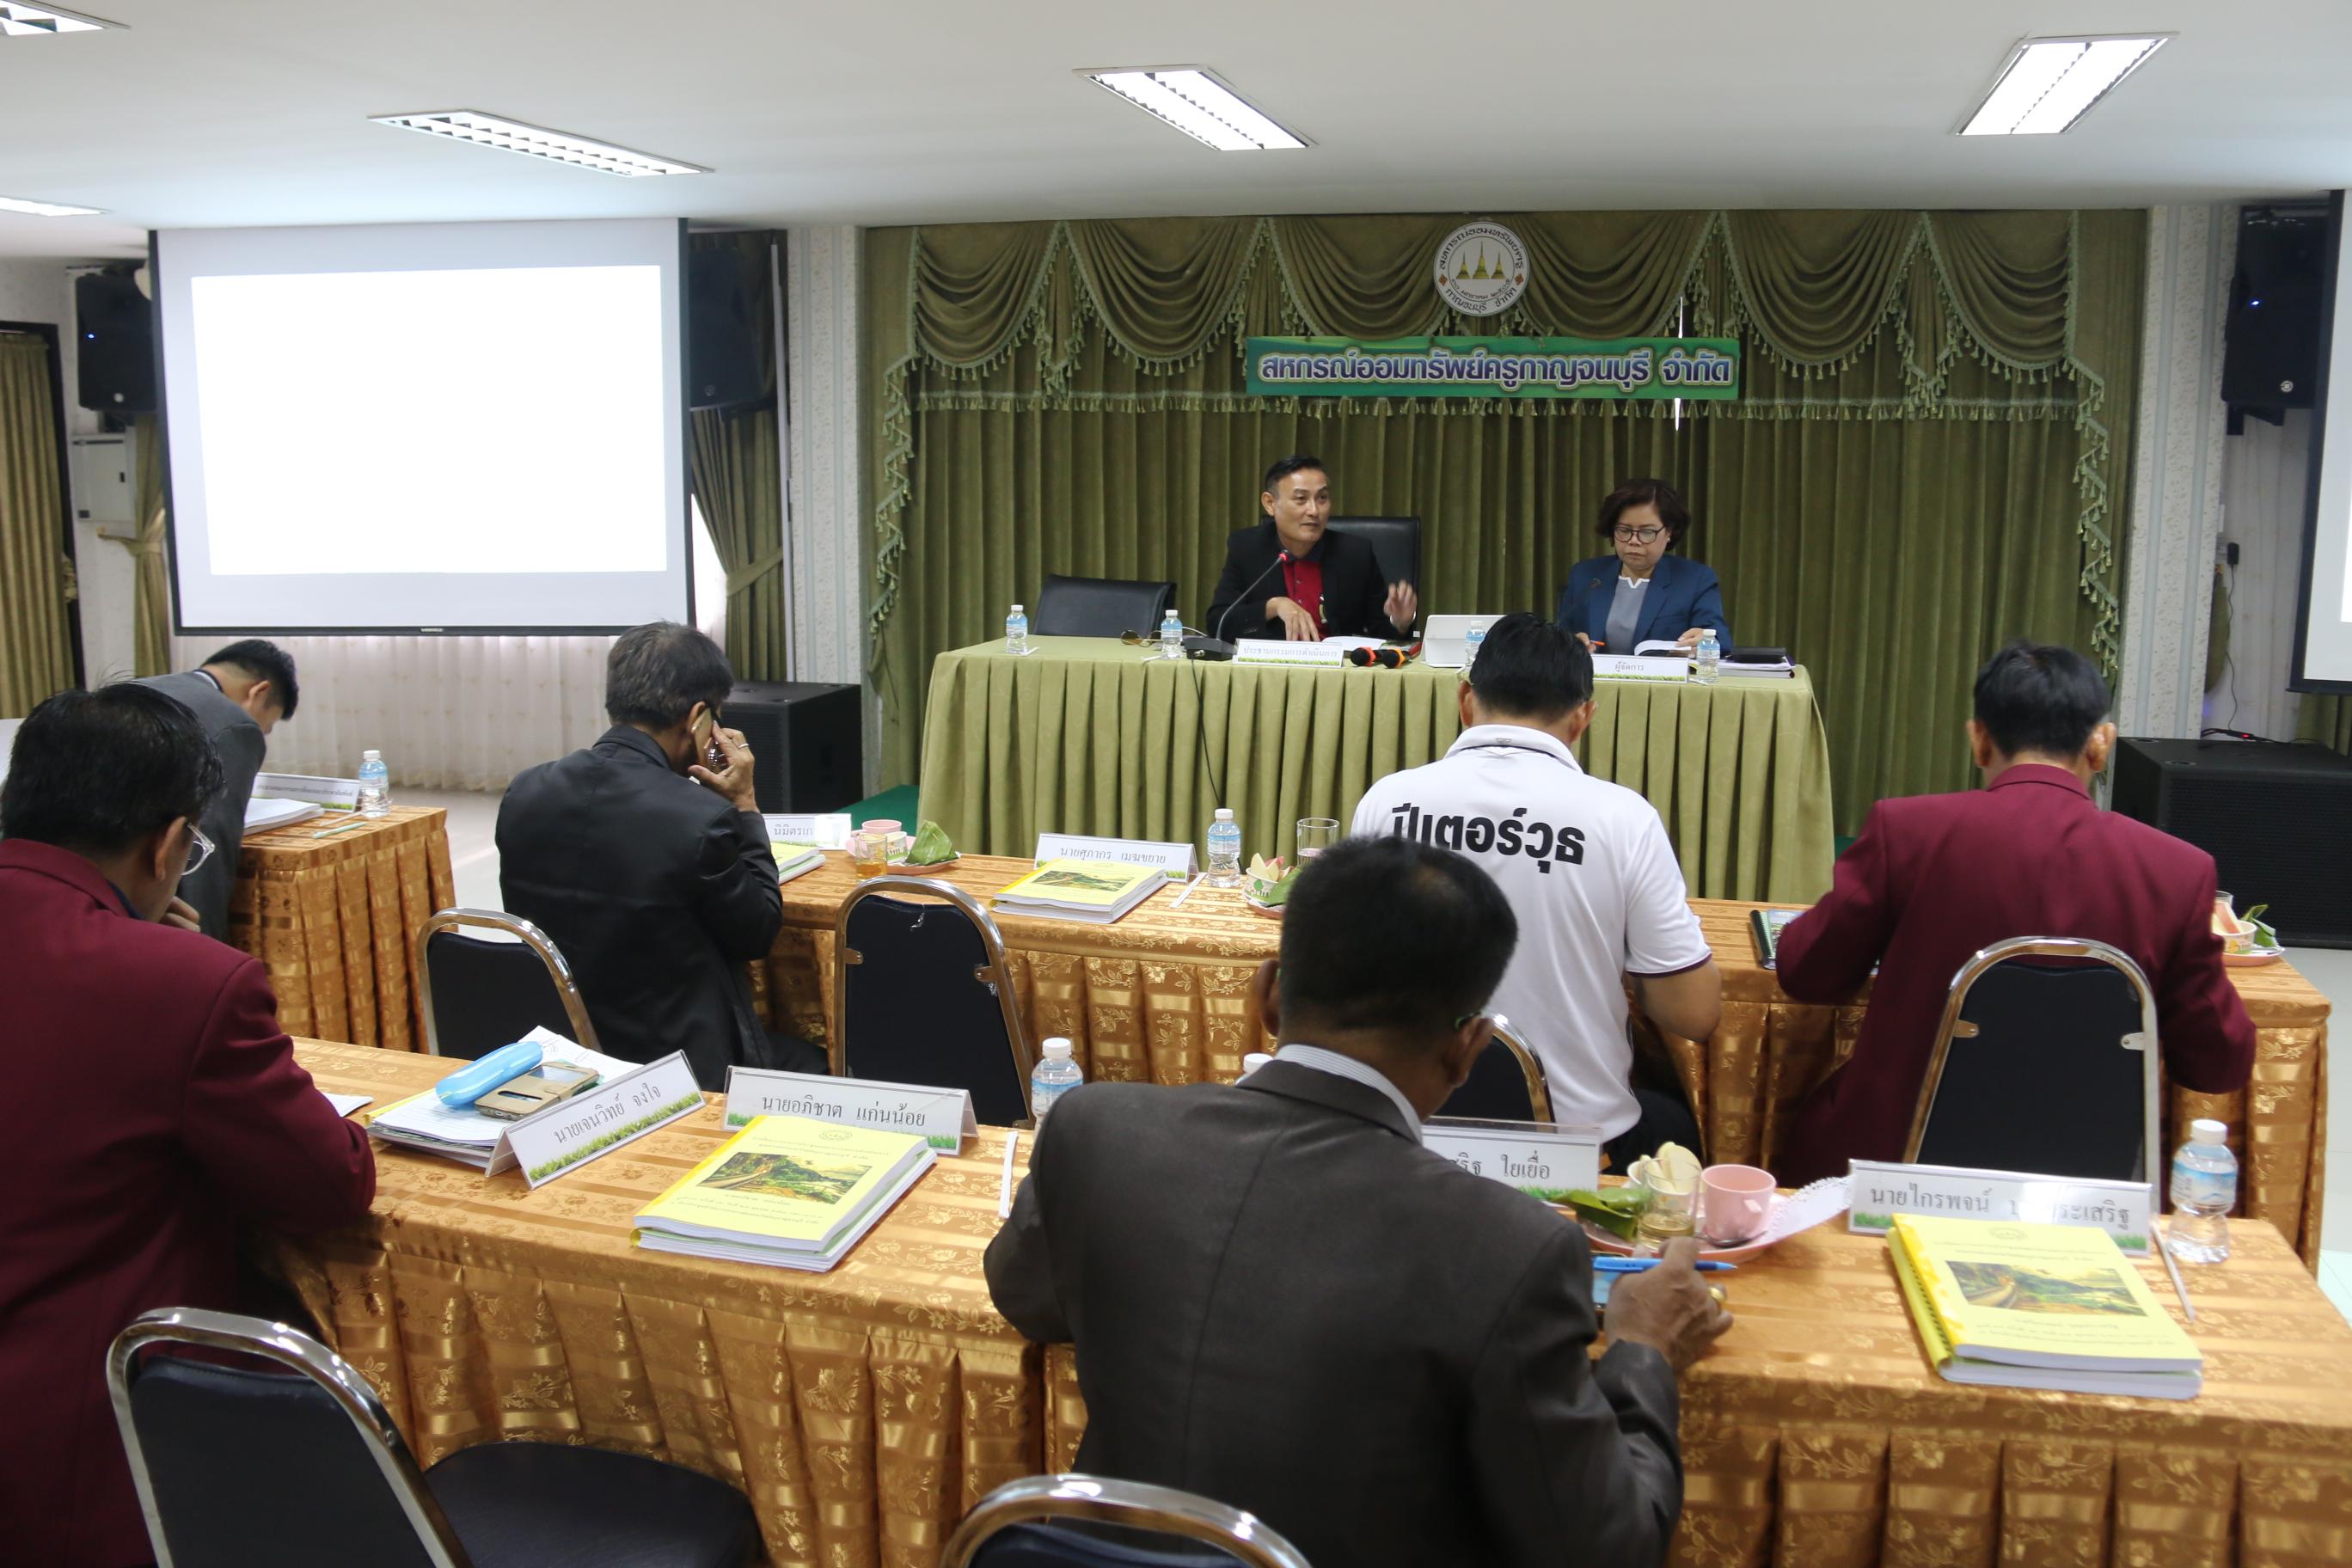 ประชุมคณะกรรมการดำเนินการ/ผู้แทน ประจำเดือนตุลาคม 2561